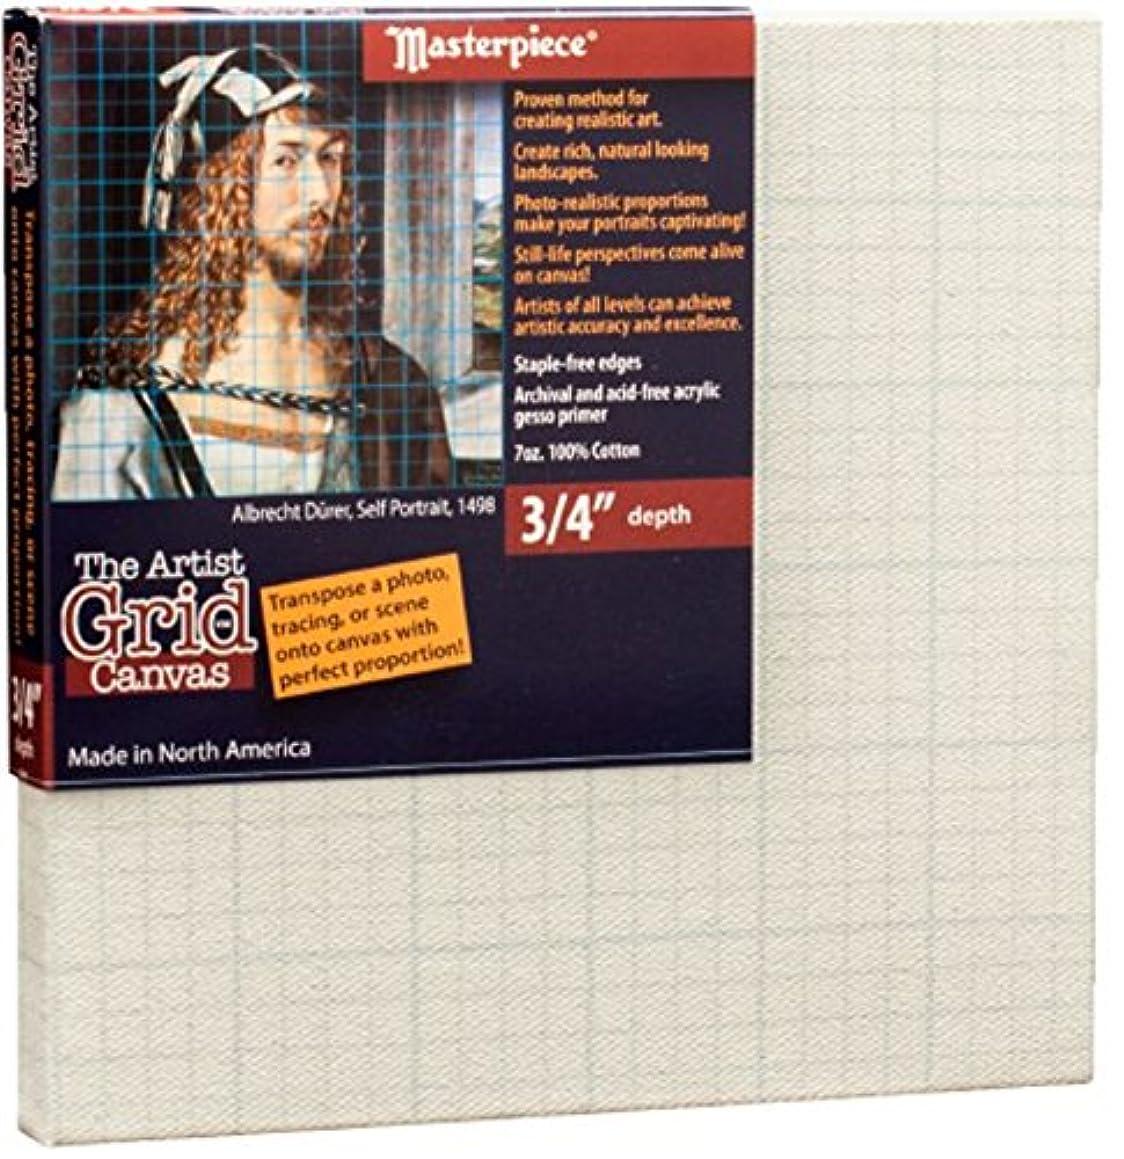 Masterpiece Artist Canvas 71734s Grid 3/4